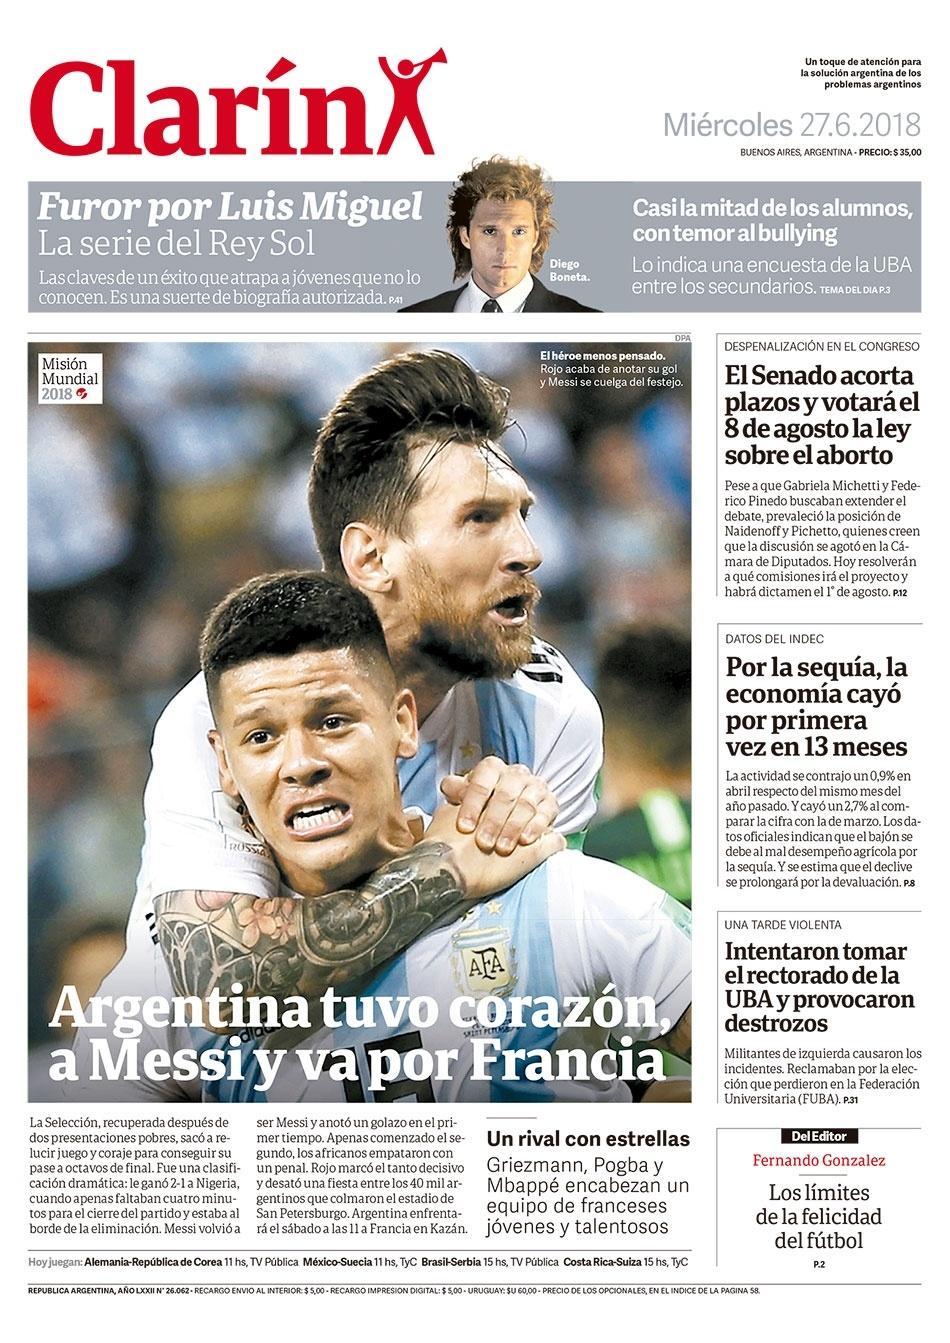 Reprodução do jornal Clarin após vitória da Argentina sobre a Nigéria